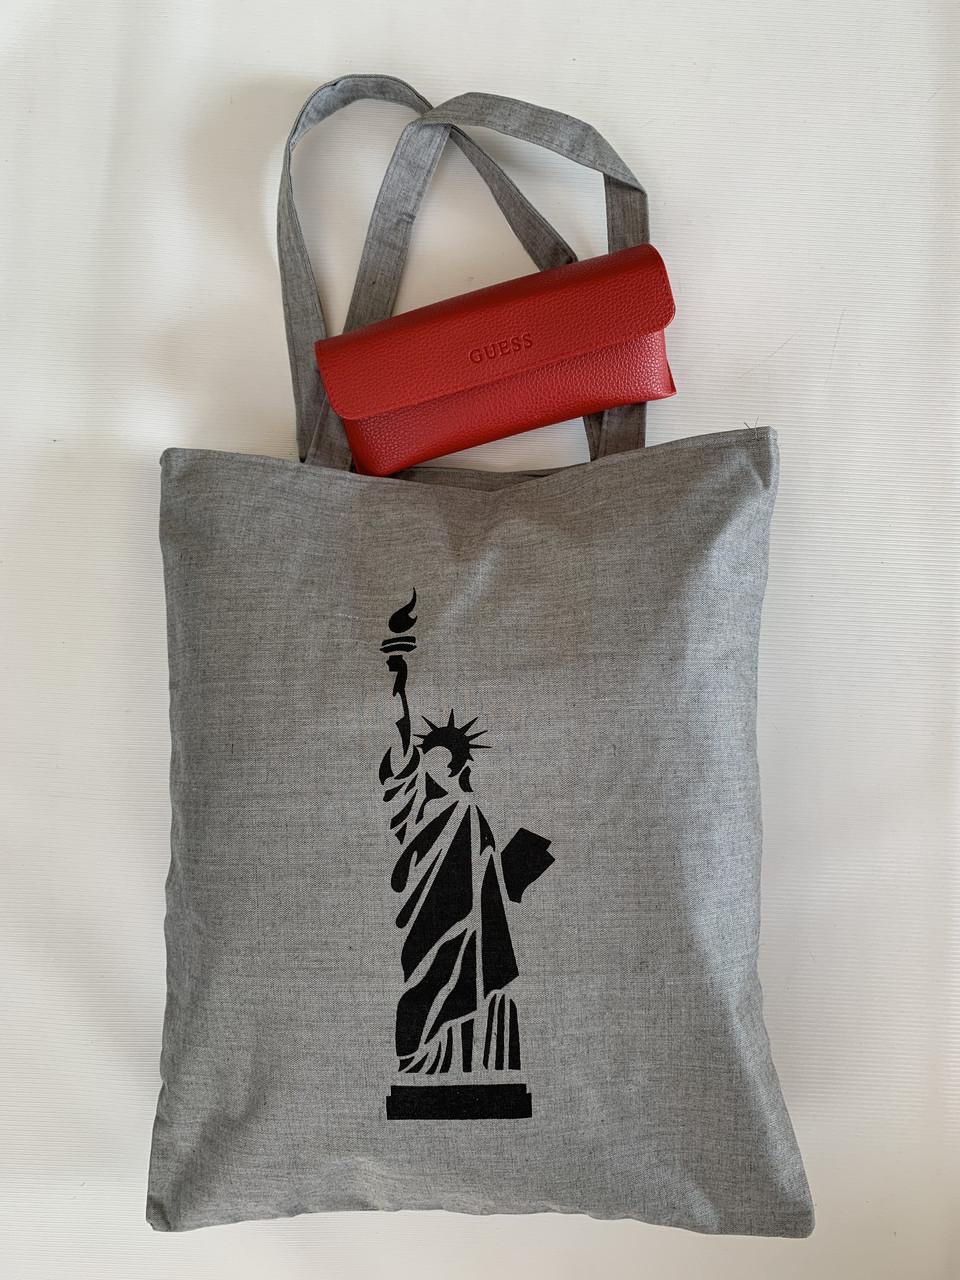 Універсальна сіра еко сумка з бавовняної тканини з принтом Статуї Свободи